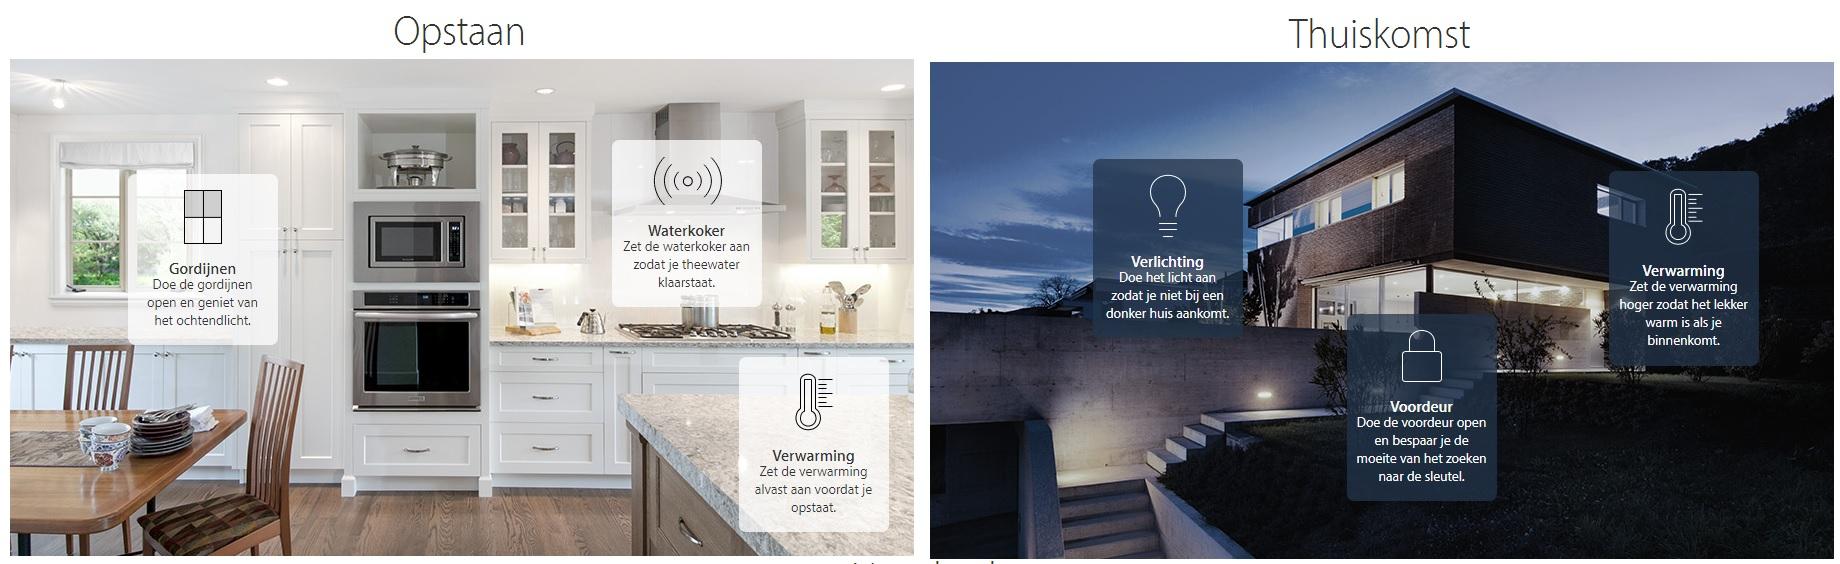 Blog Internet of Things Apple homekit